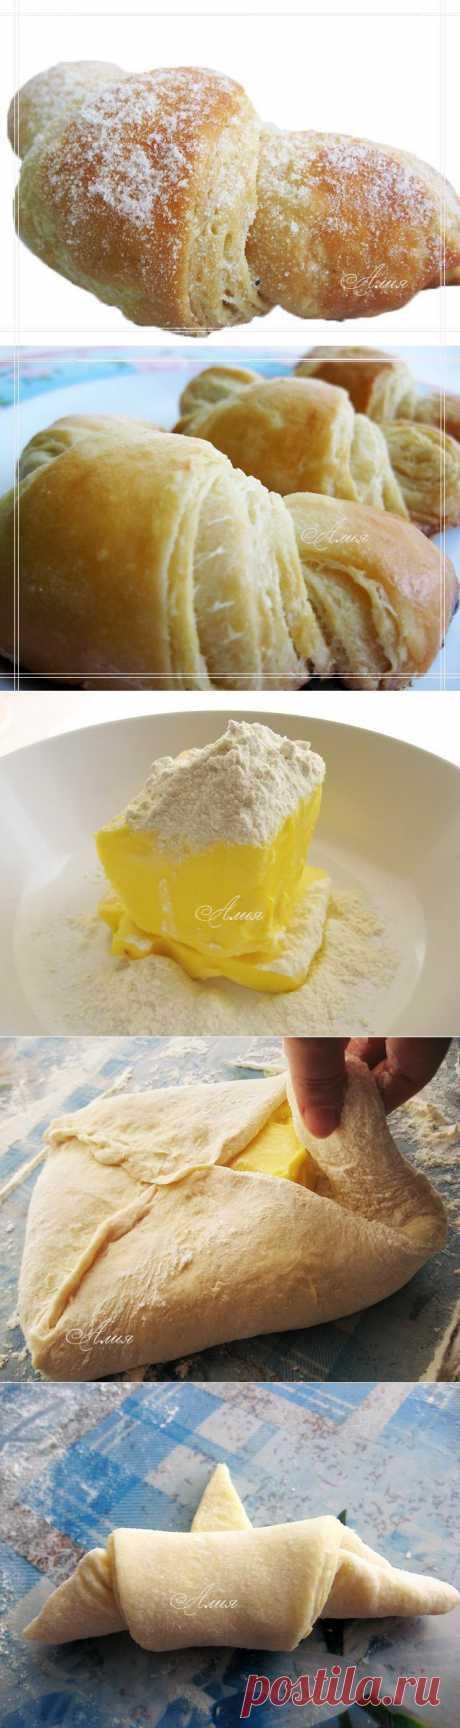 """173. """"Круассоны"""" (Croissants)   КУЛИНАРНАЯ КНИГА АЛИИ. Понадобится:     350 г хлебной муки (bread flour)     1/2 ч.л. лимонного сока     280 г холодного сл. масла (можно взять 200 г если жирненькие не любите)     30 г свежих дрожжей     250 мл. молока     4 ч.л. сахара     1 ст.л. мёда     2 ч.л. соли Вмешать 2 ст.л. муки и лимонный сок в сл. масло Заходите на этот сайт тут изобилие рецептов на разный вкус. ТУТ ВСЁ!!!"""